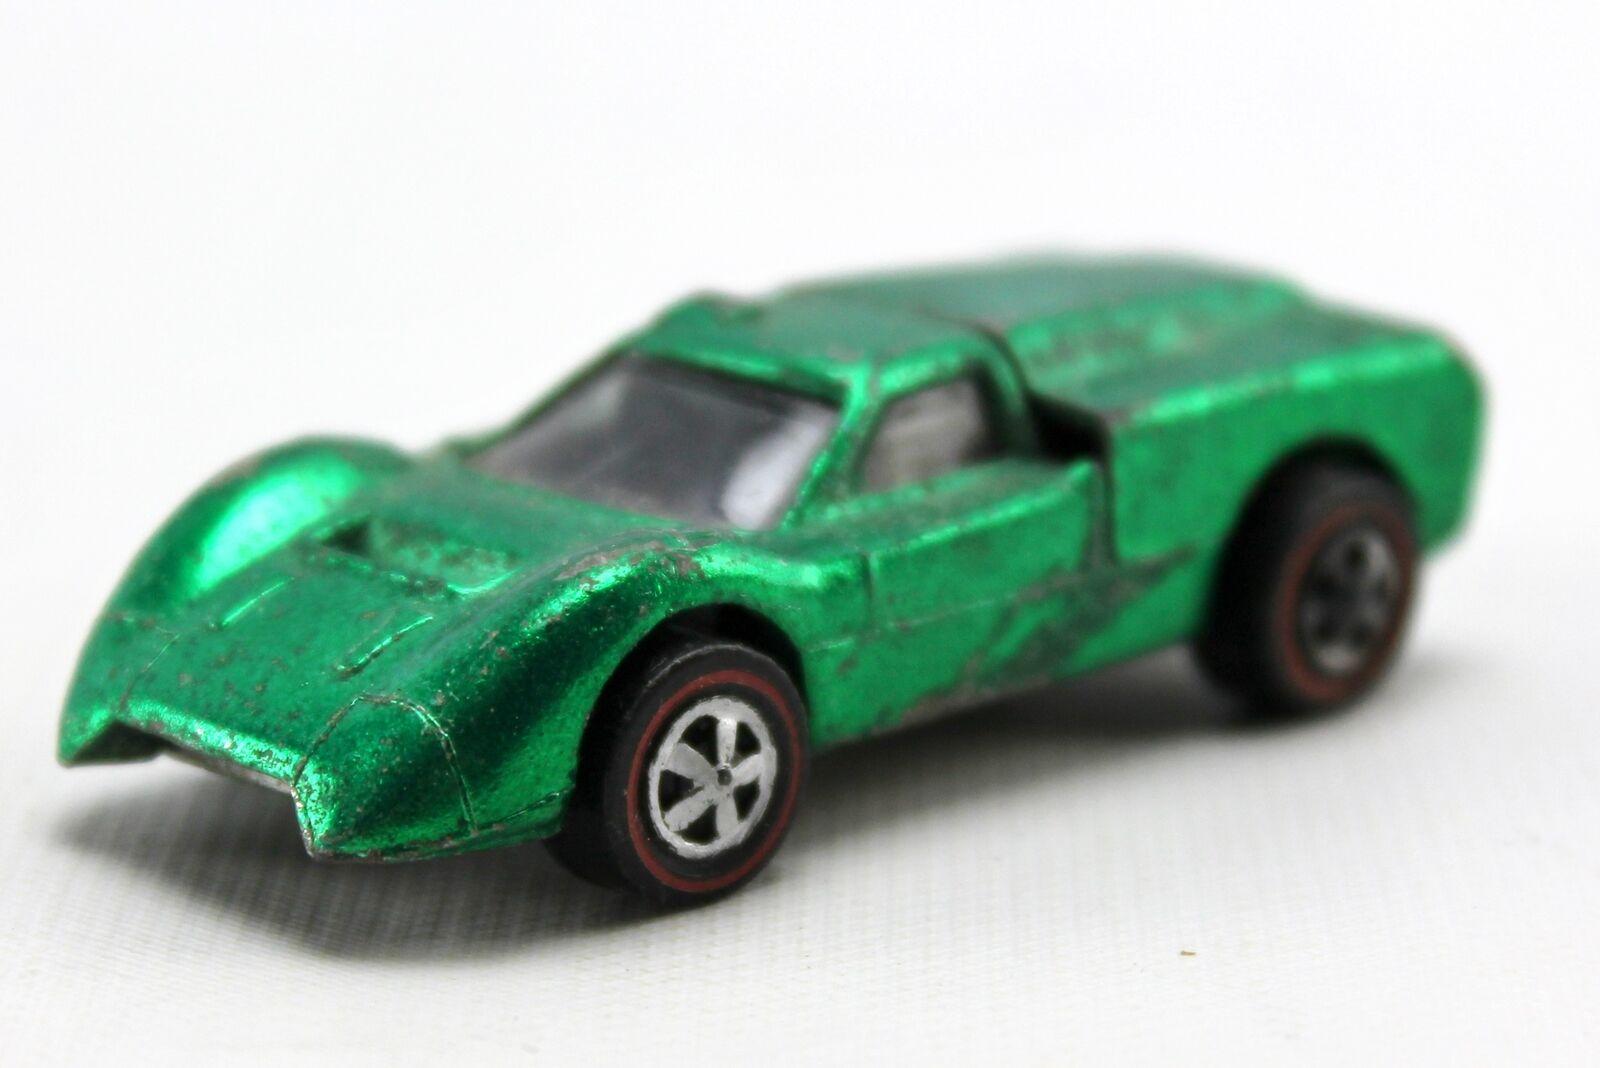 1967 Ford J -Bil grön heta hjul USA tärningskast 1 64